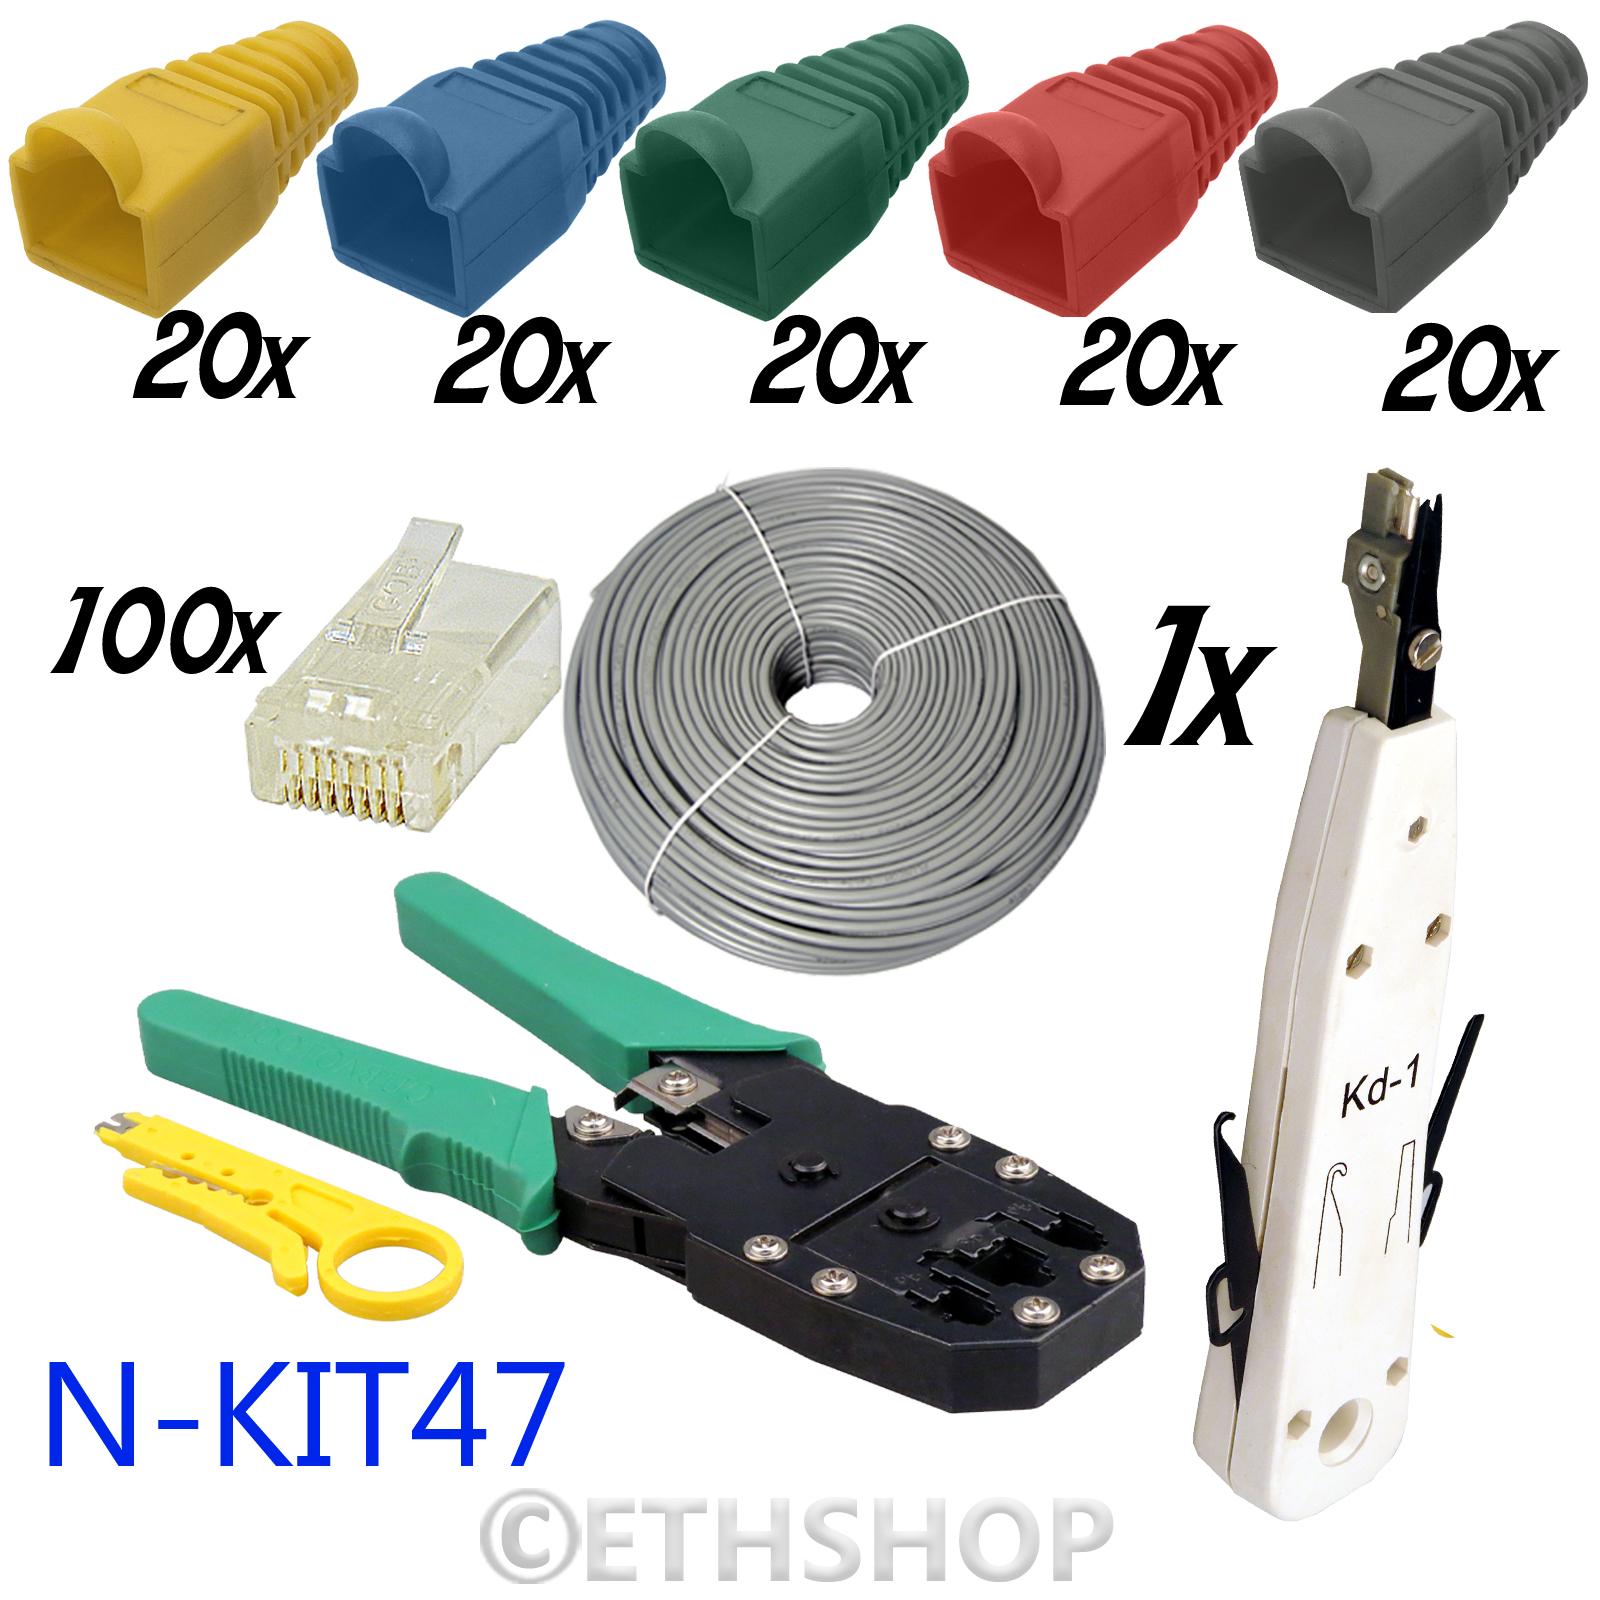 100m rj45 cat5e network ethernet cable crimper tester. Black Bedroom Furniture Sets. Home Design Ideas